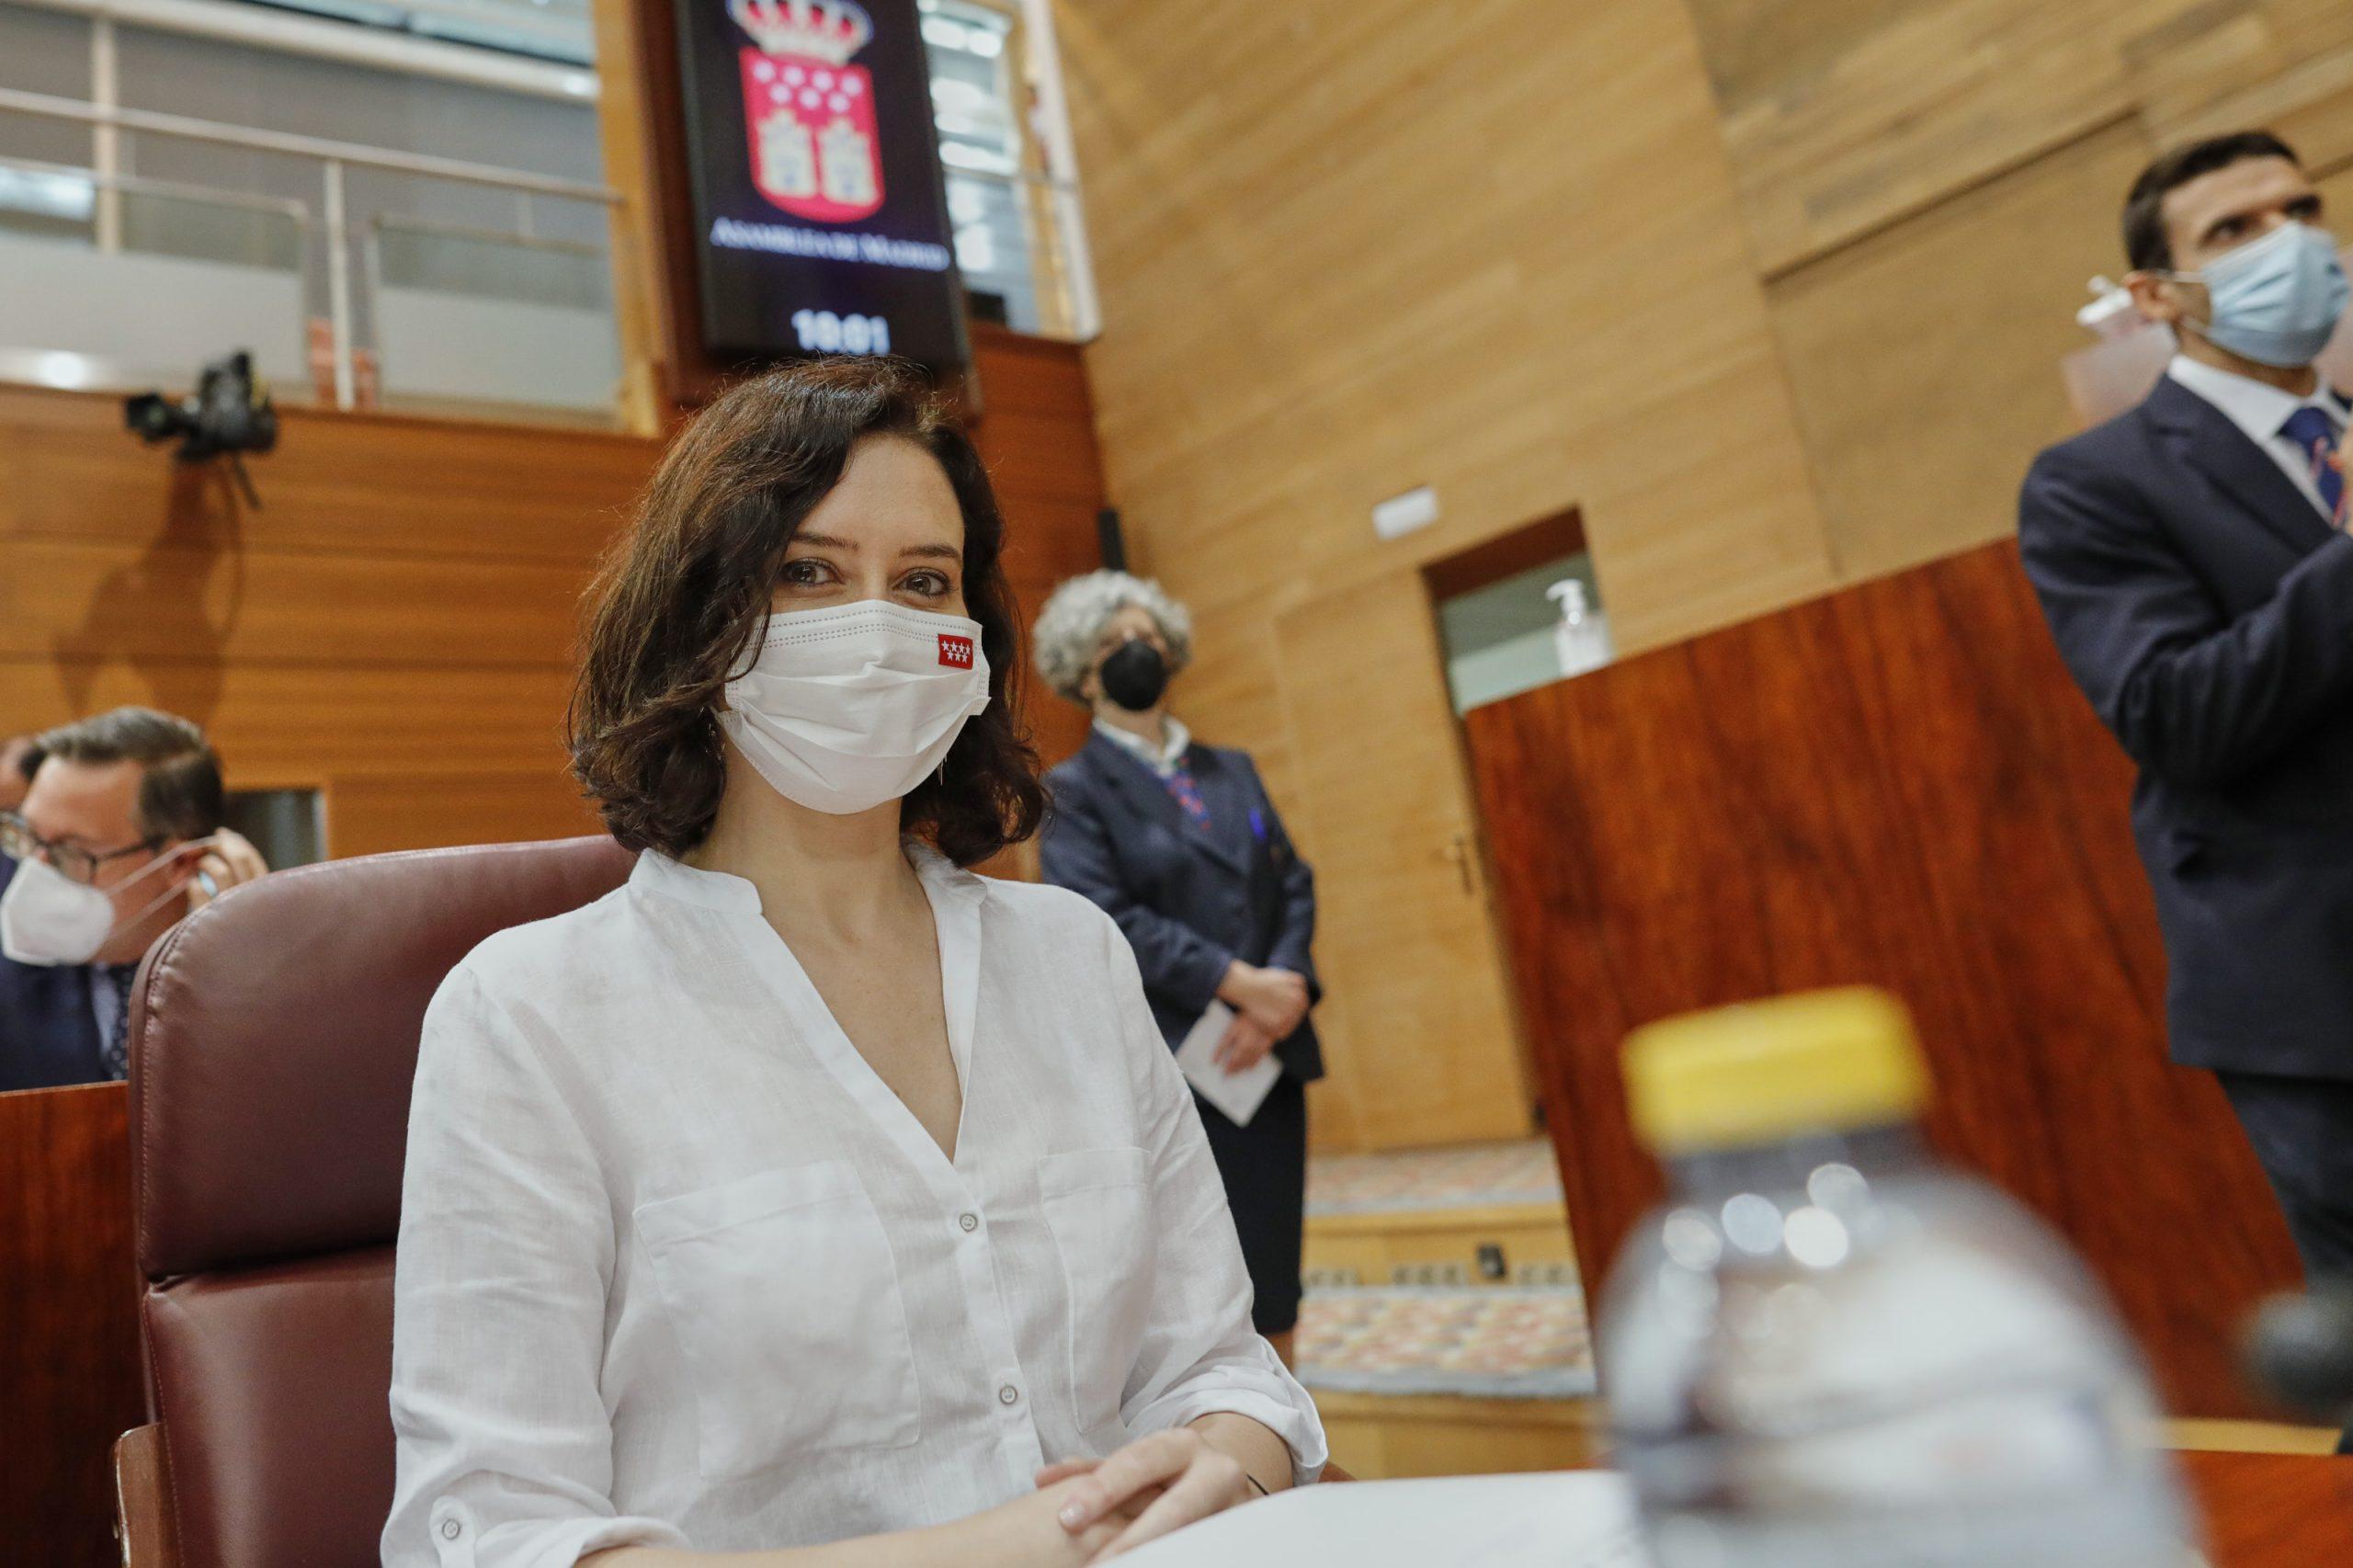 La presidenta en funcions de la Comunitat de Madrid, Isabel Díaz Ayuso (Europa Press)